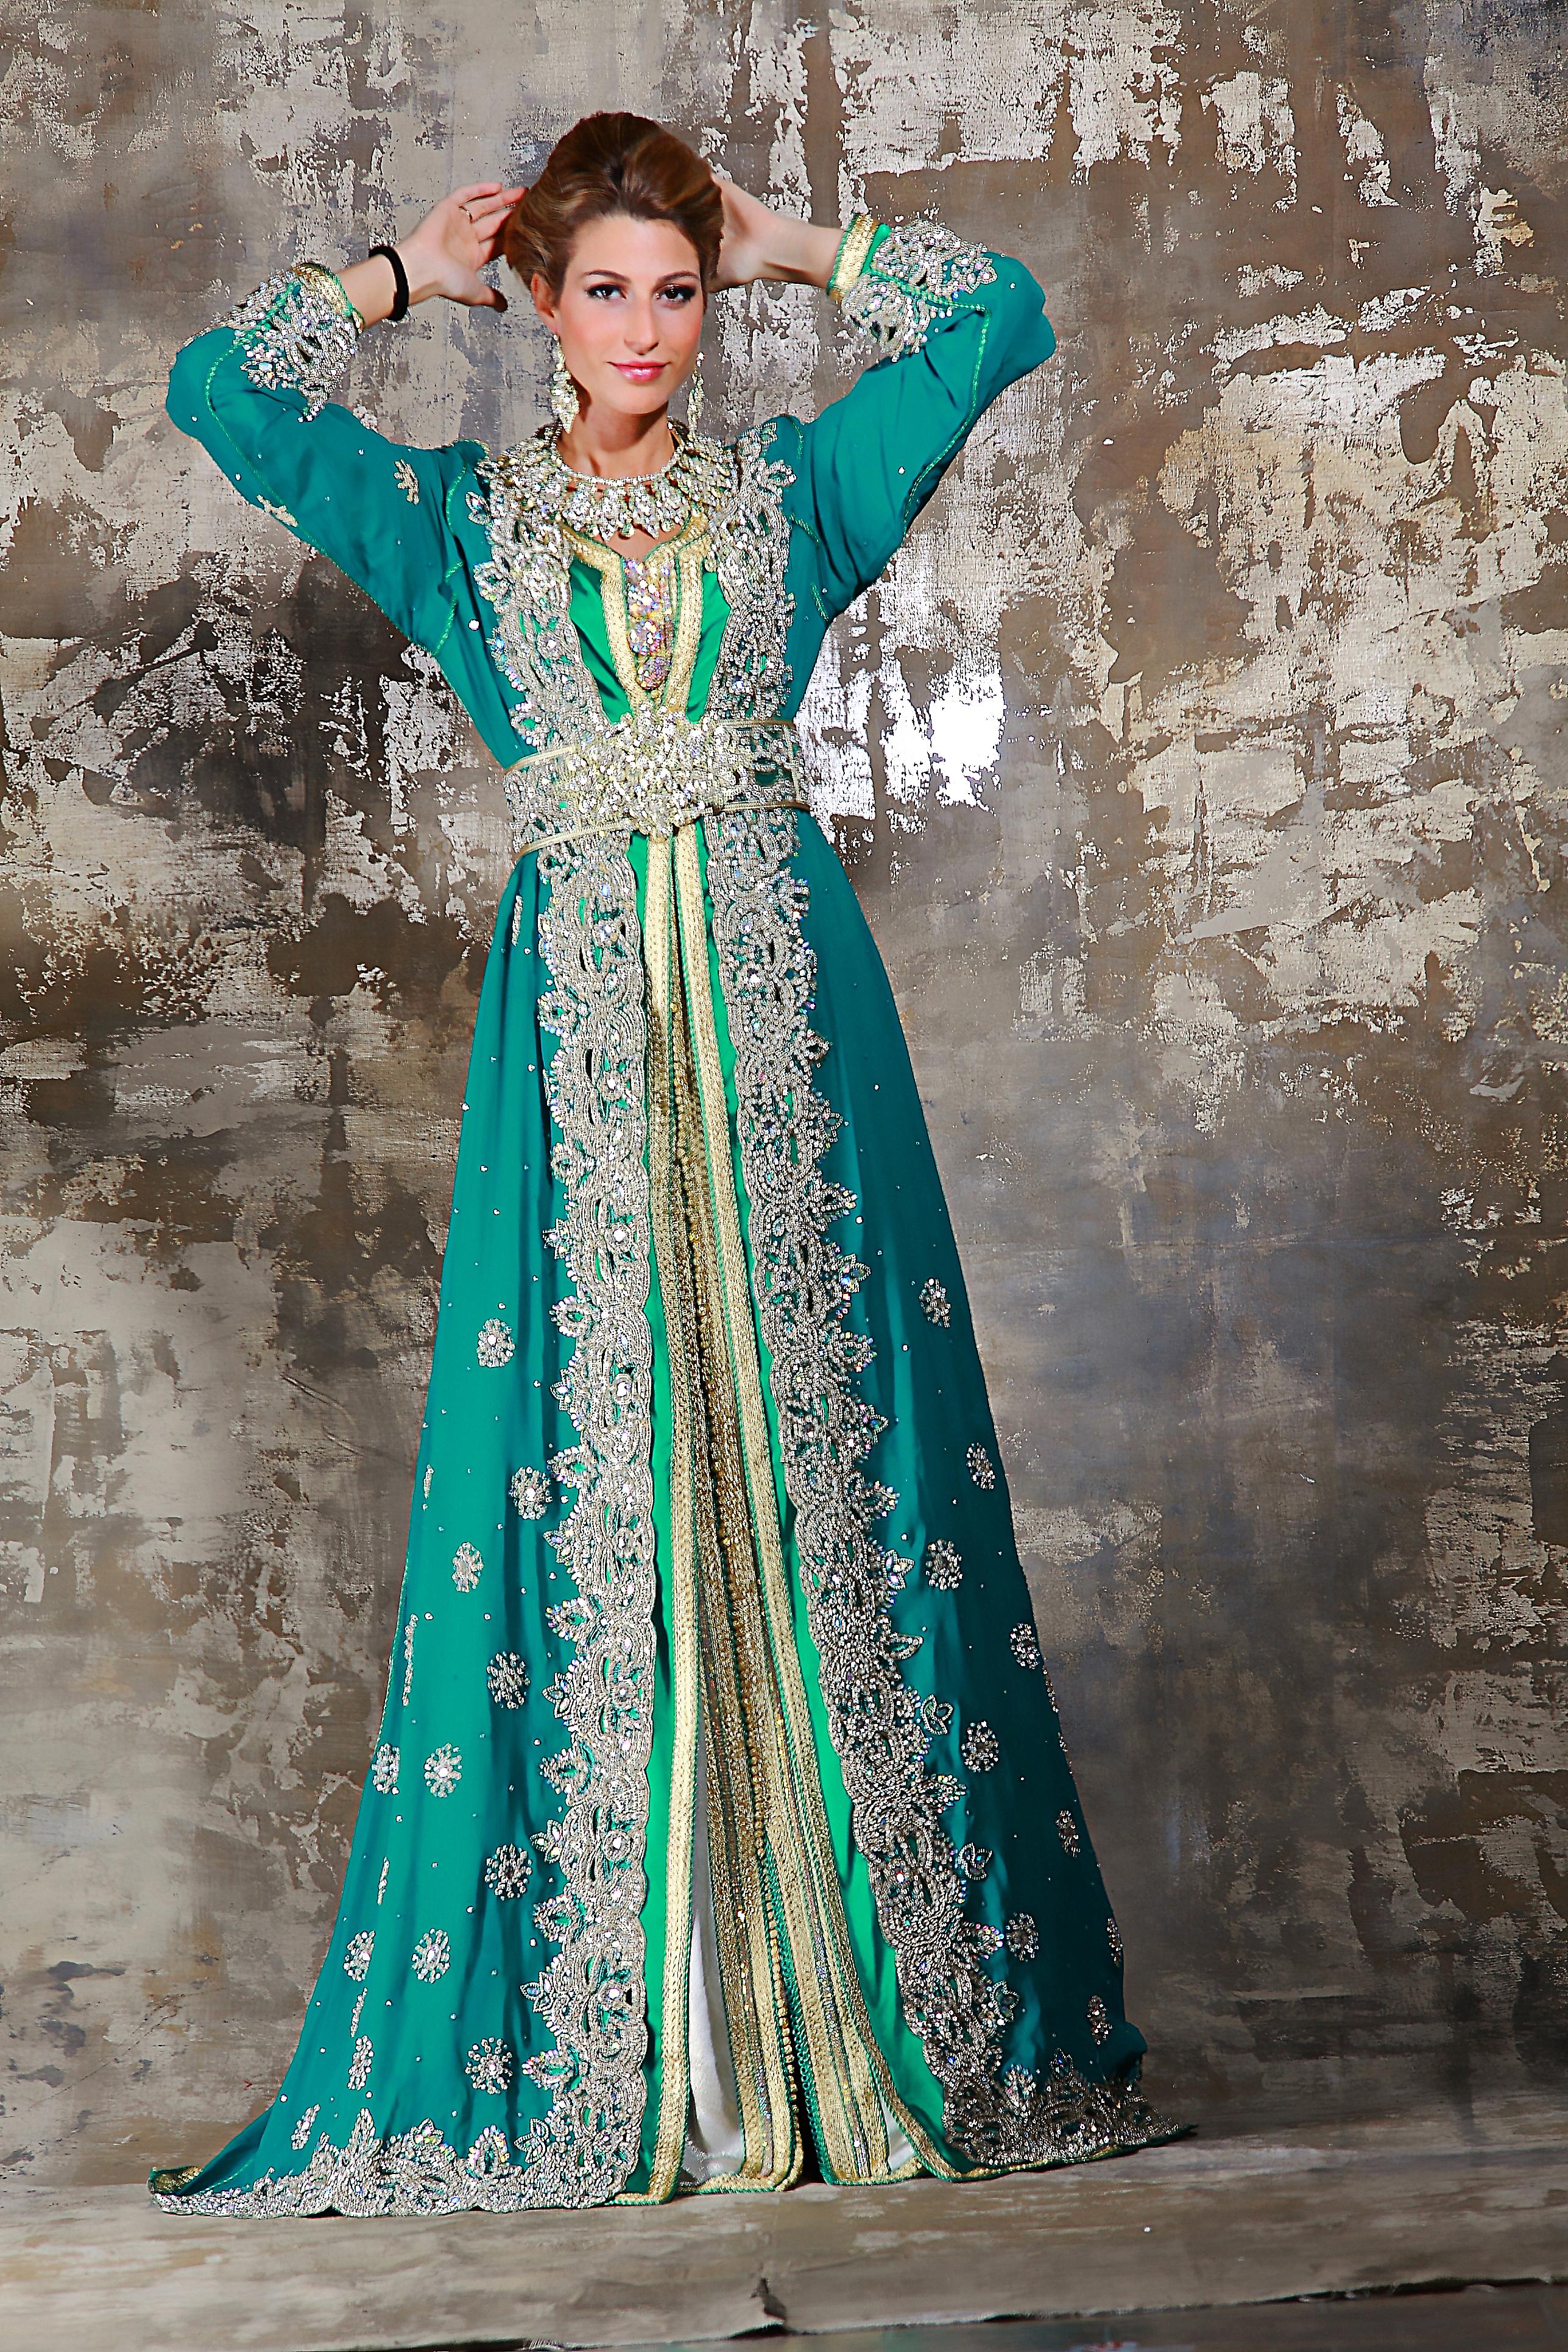 negafa marocaine, negafa algerienne